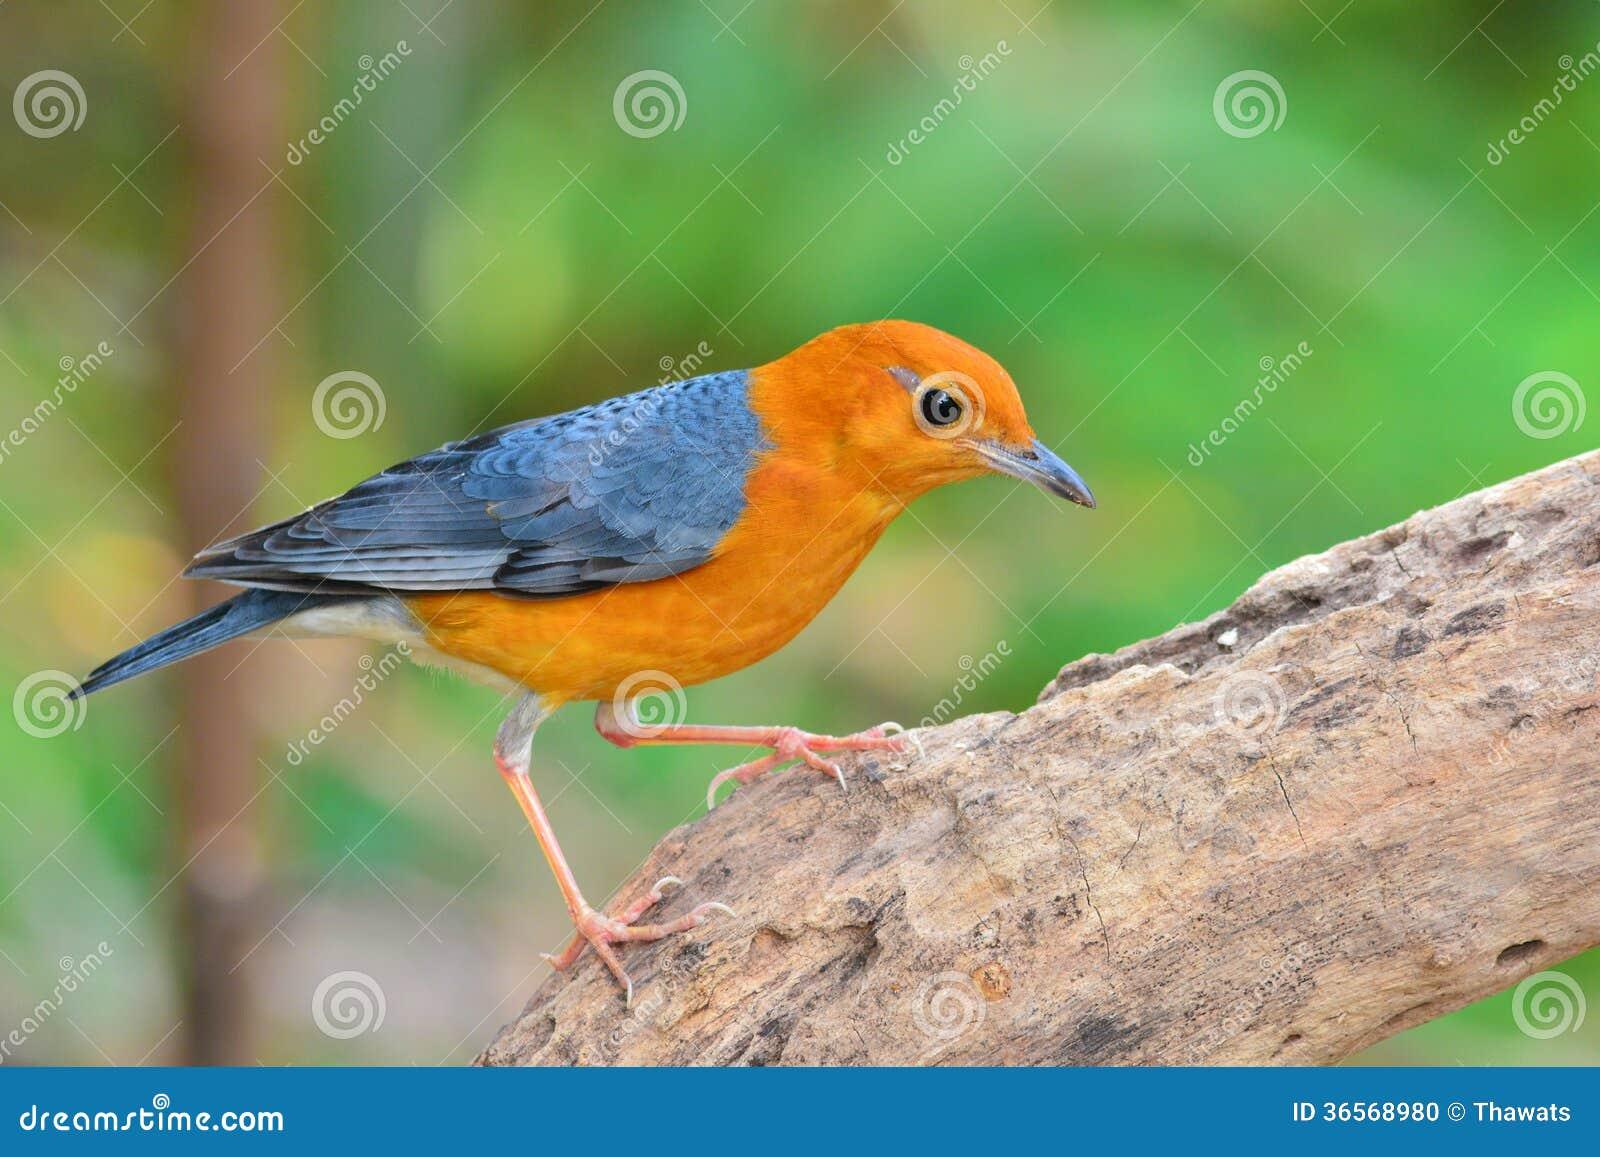 Orange headed thrush bird stock photo image of thrush 36568980 - Nature curiosity stressed out plants emit animal like signals ...